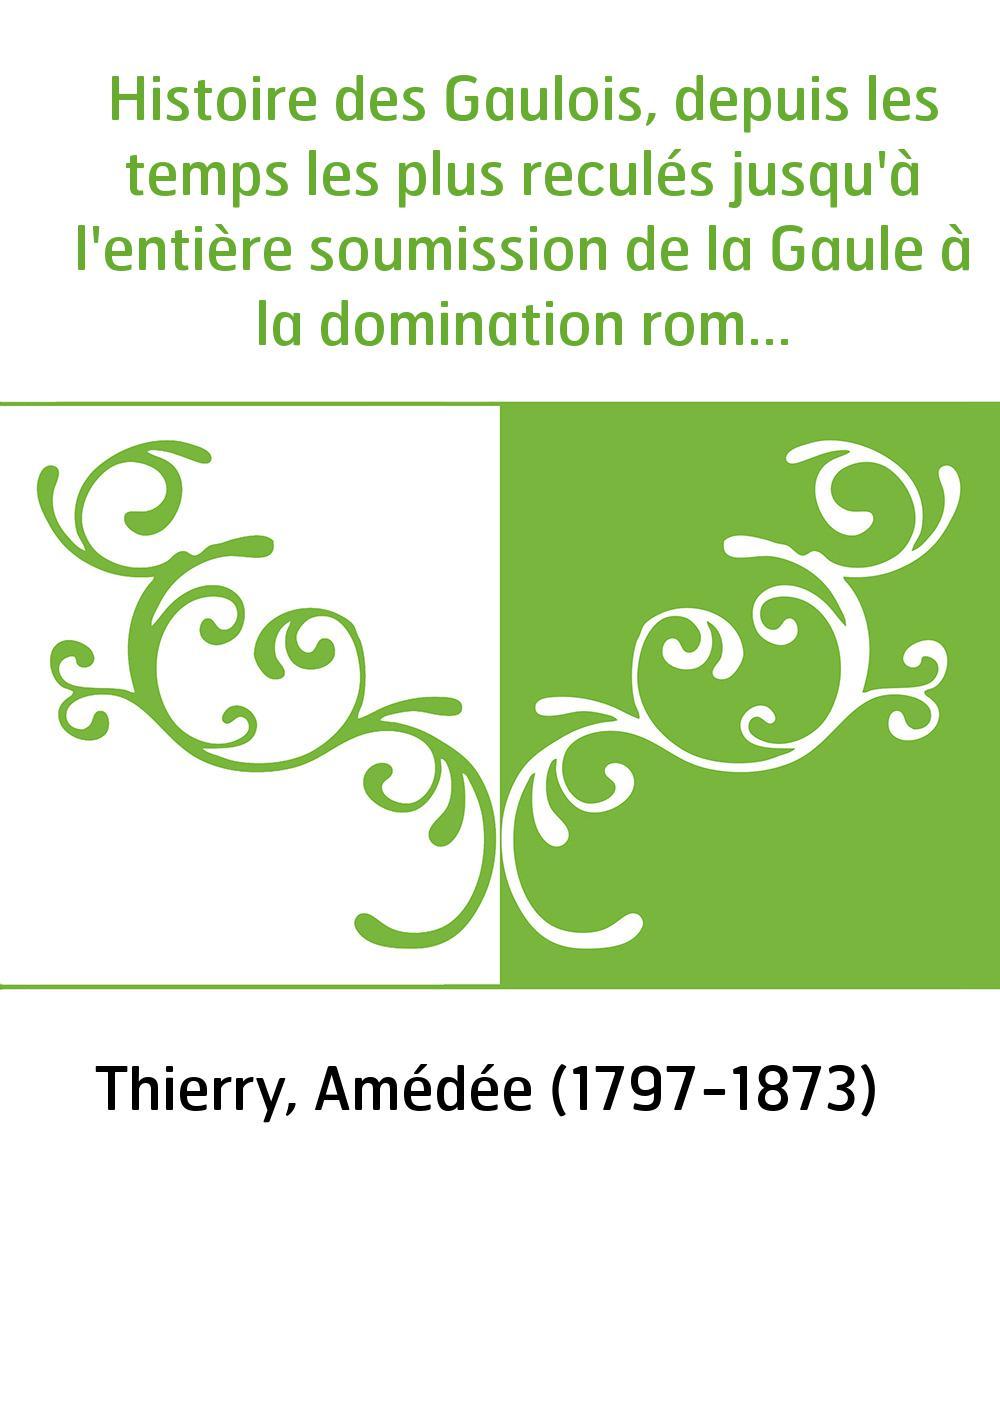 Histoire des Gaulois, depuis les temps les plus reculés jusqu'à l'entière soumission de la Gaule à la domination romaine. Tome 1